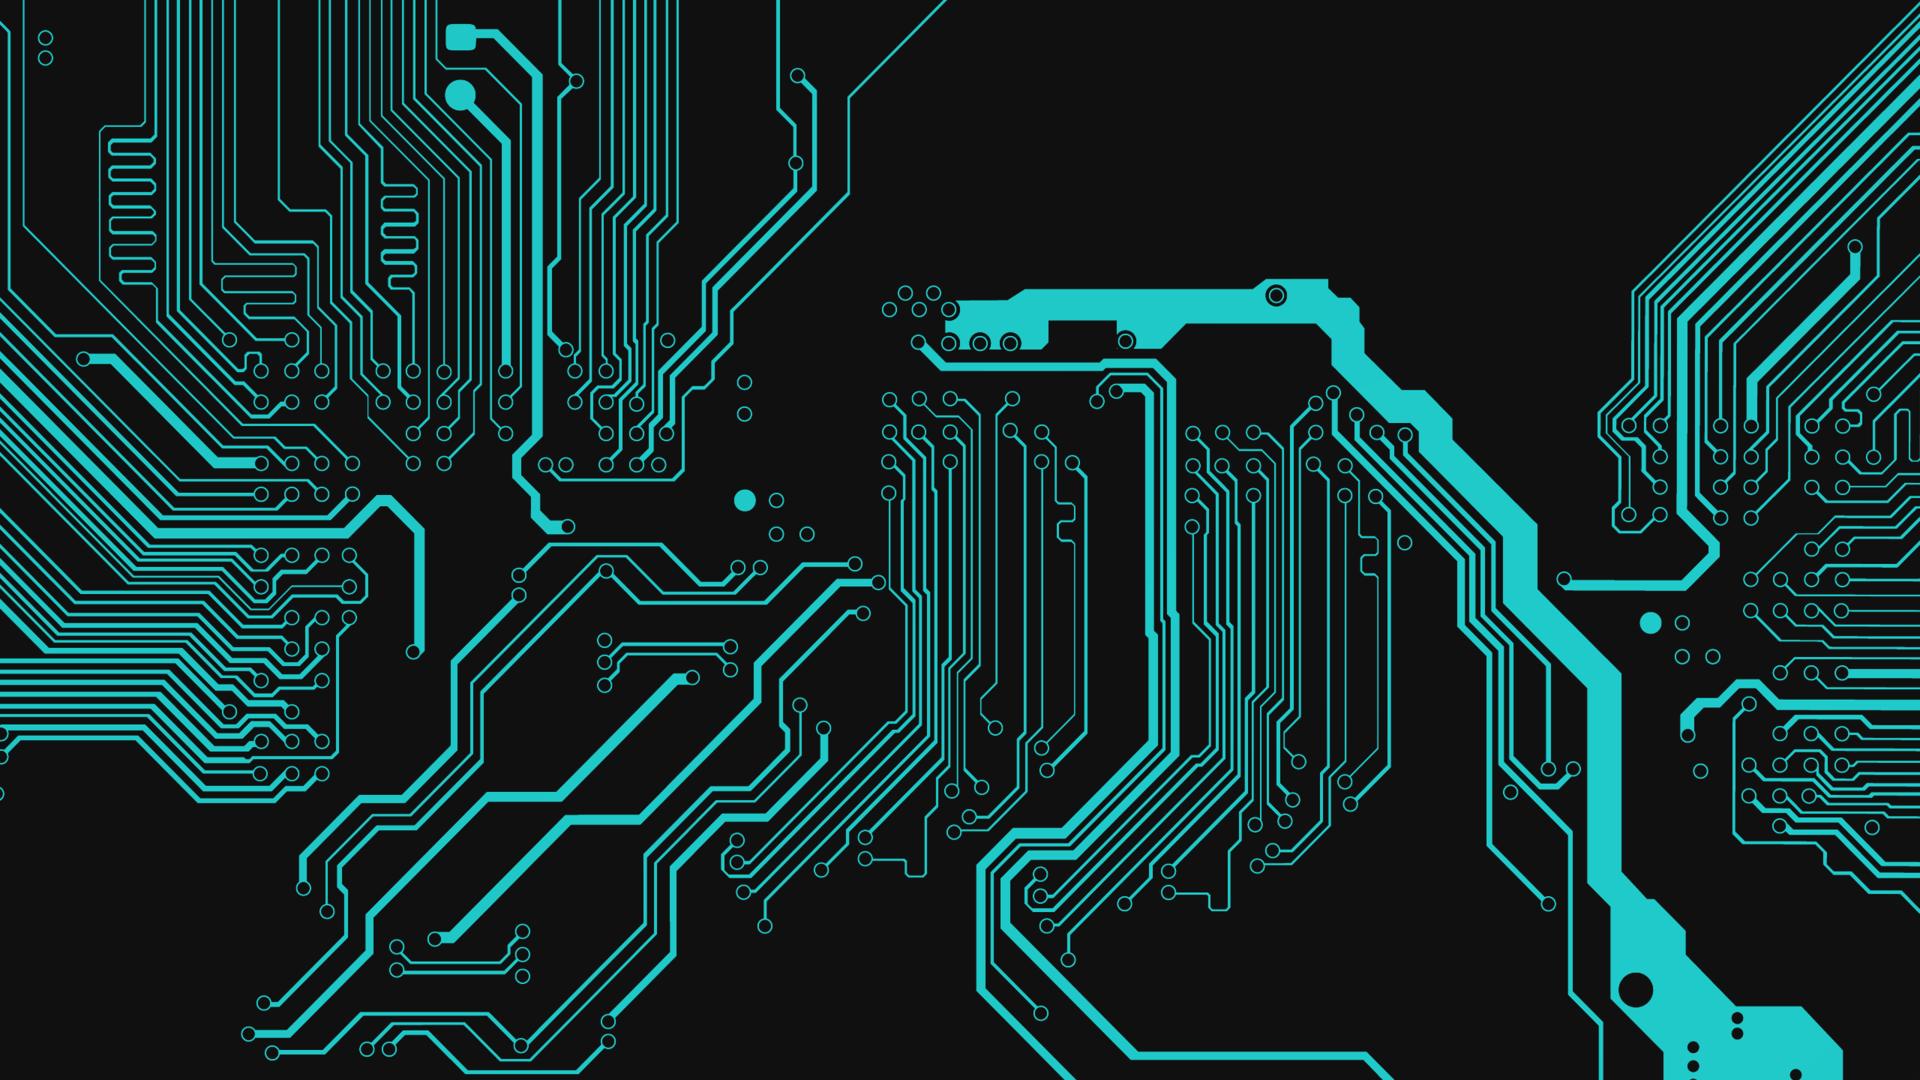 DEF CON 25 Hacking Conference  Talks